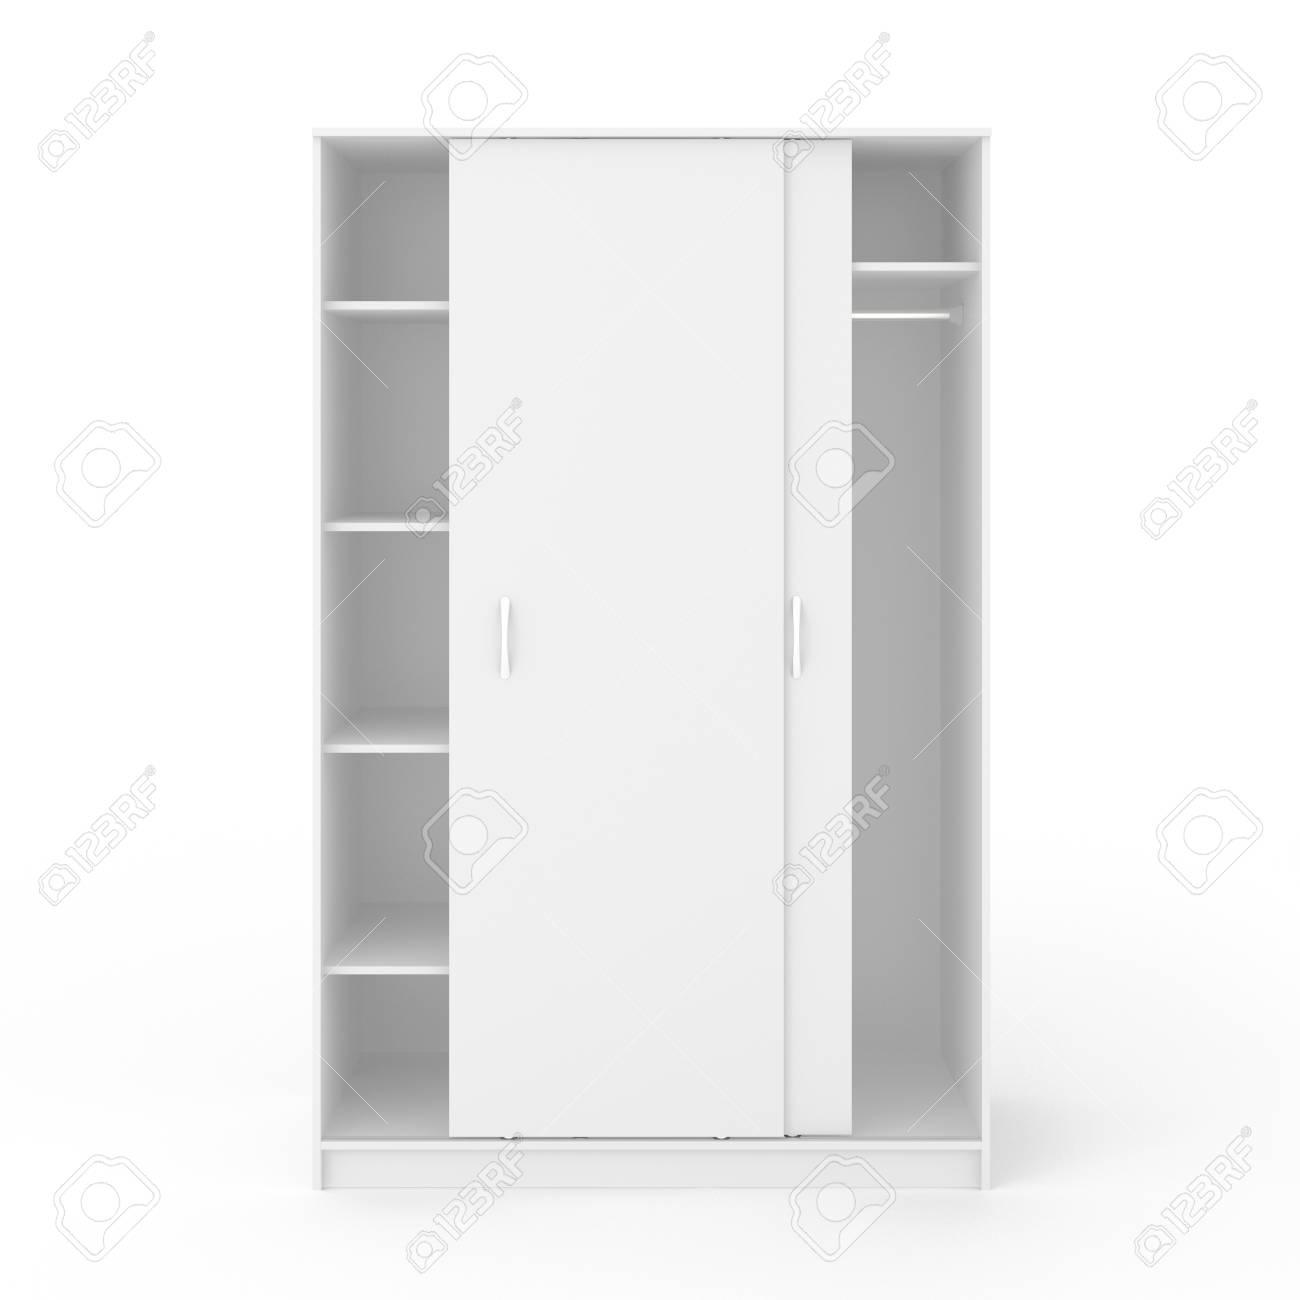 Garderobe Met Schuifdeuren.Lege Witte Garderobe Met Schuifdeuren Die Op Witte Achtergrond